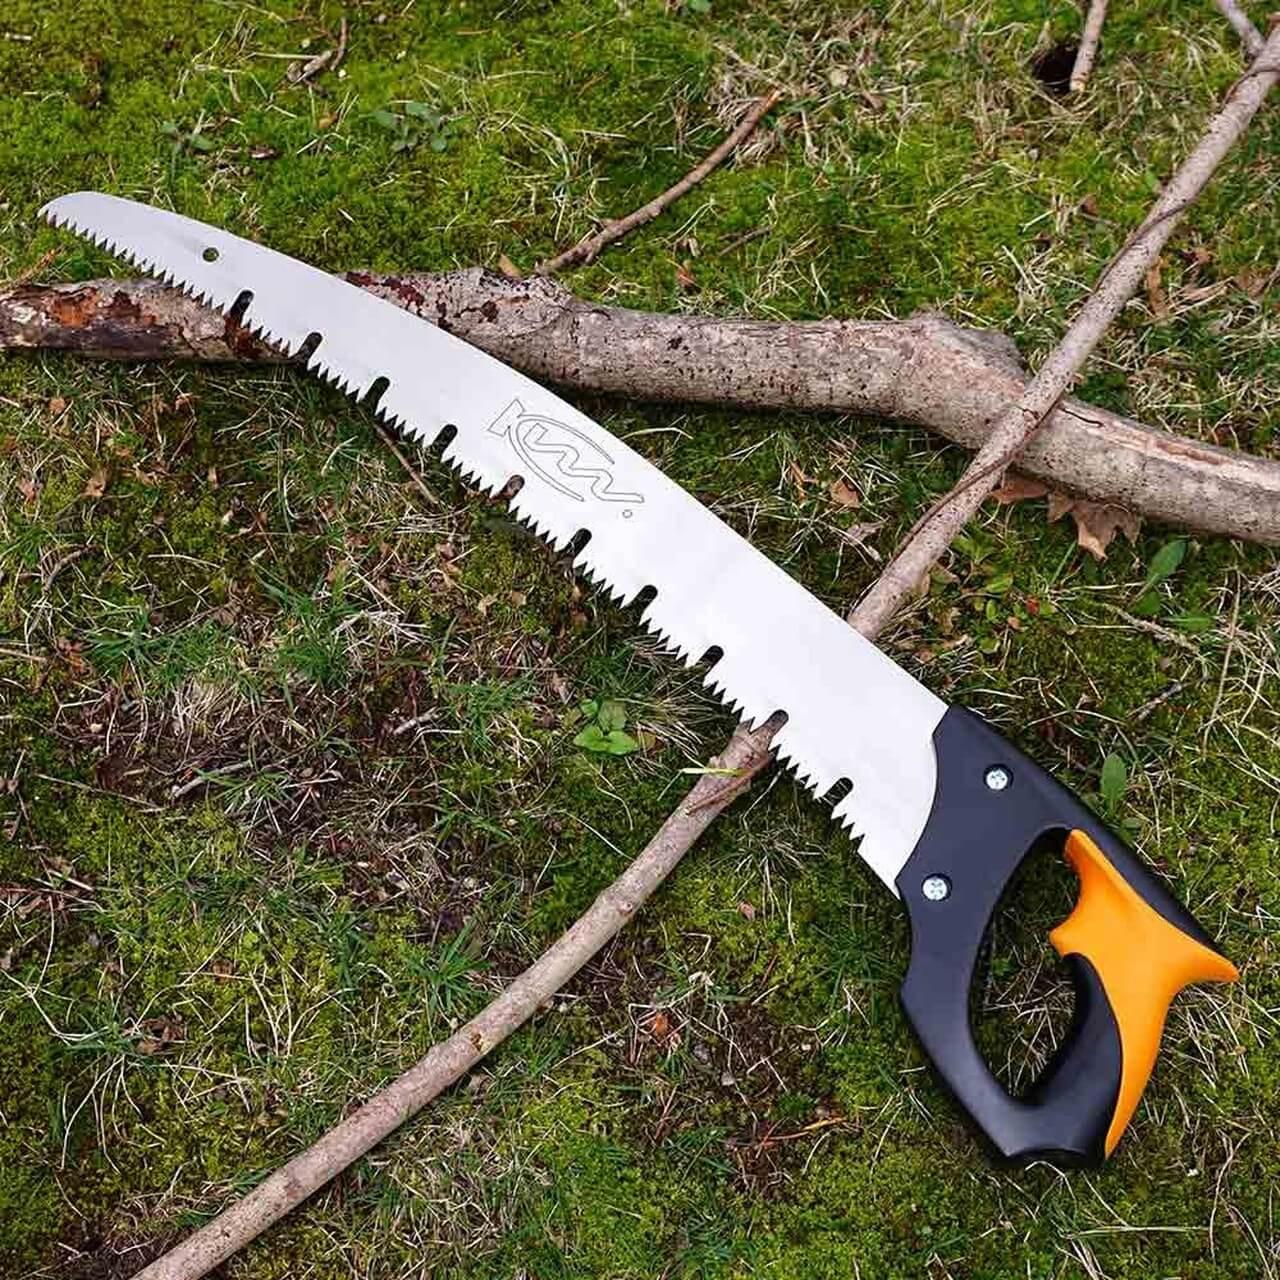 Pruning Saw with Raker Teeth